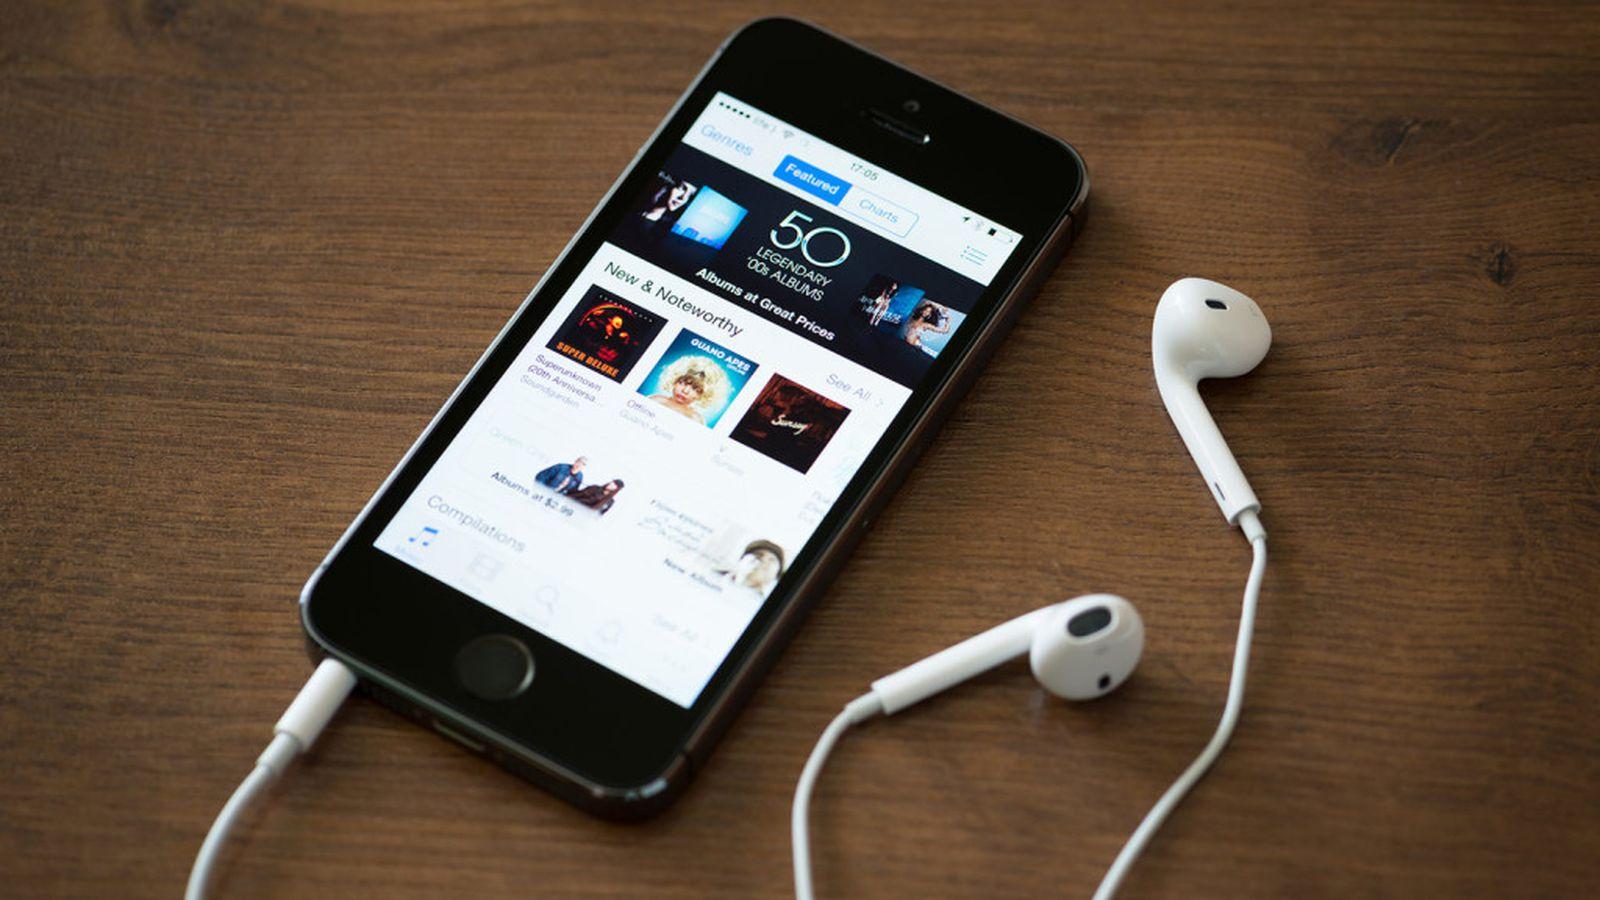 Itunes_on_iphone_podcast_headphones_241_1024x577.0